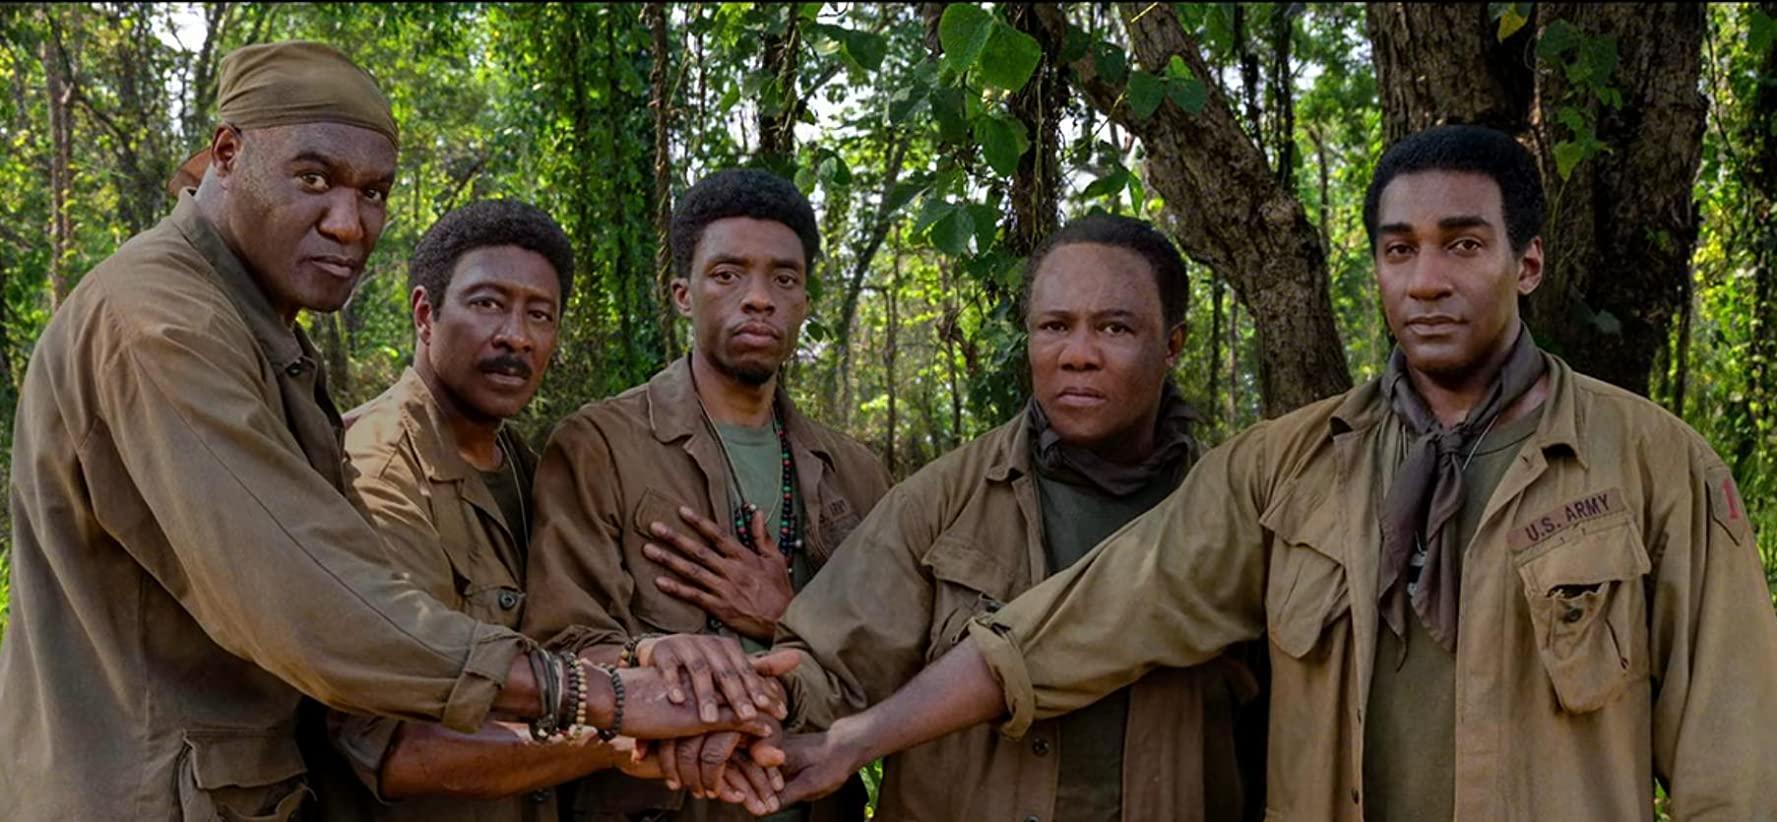 مشاهدة فيلم Da 5 Bloods (2020) مترجم HD اون لاين